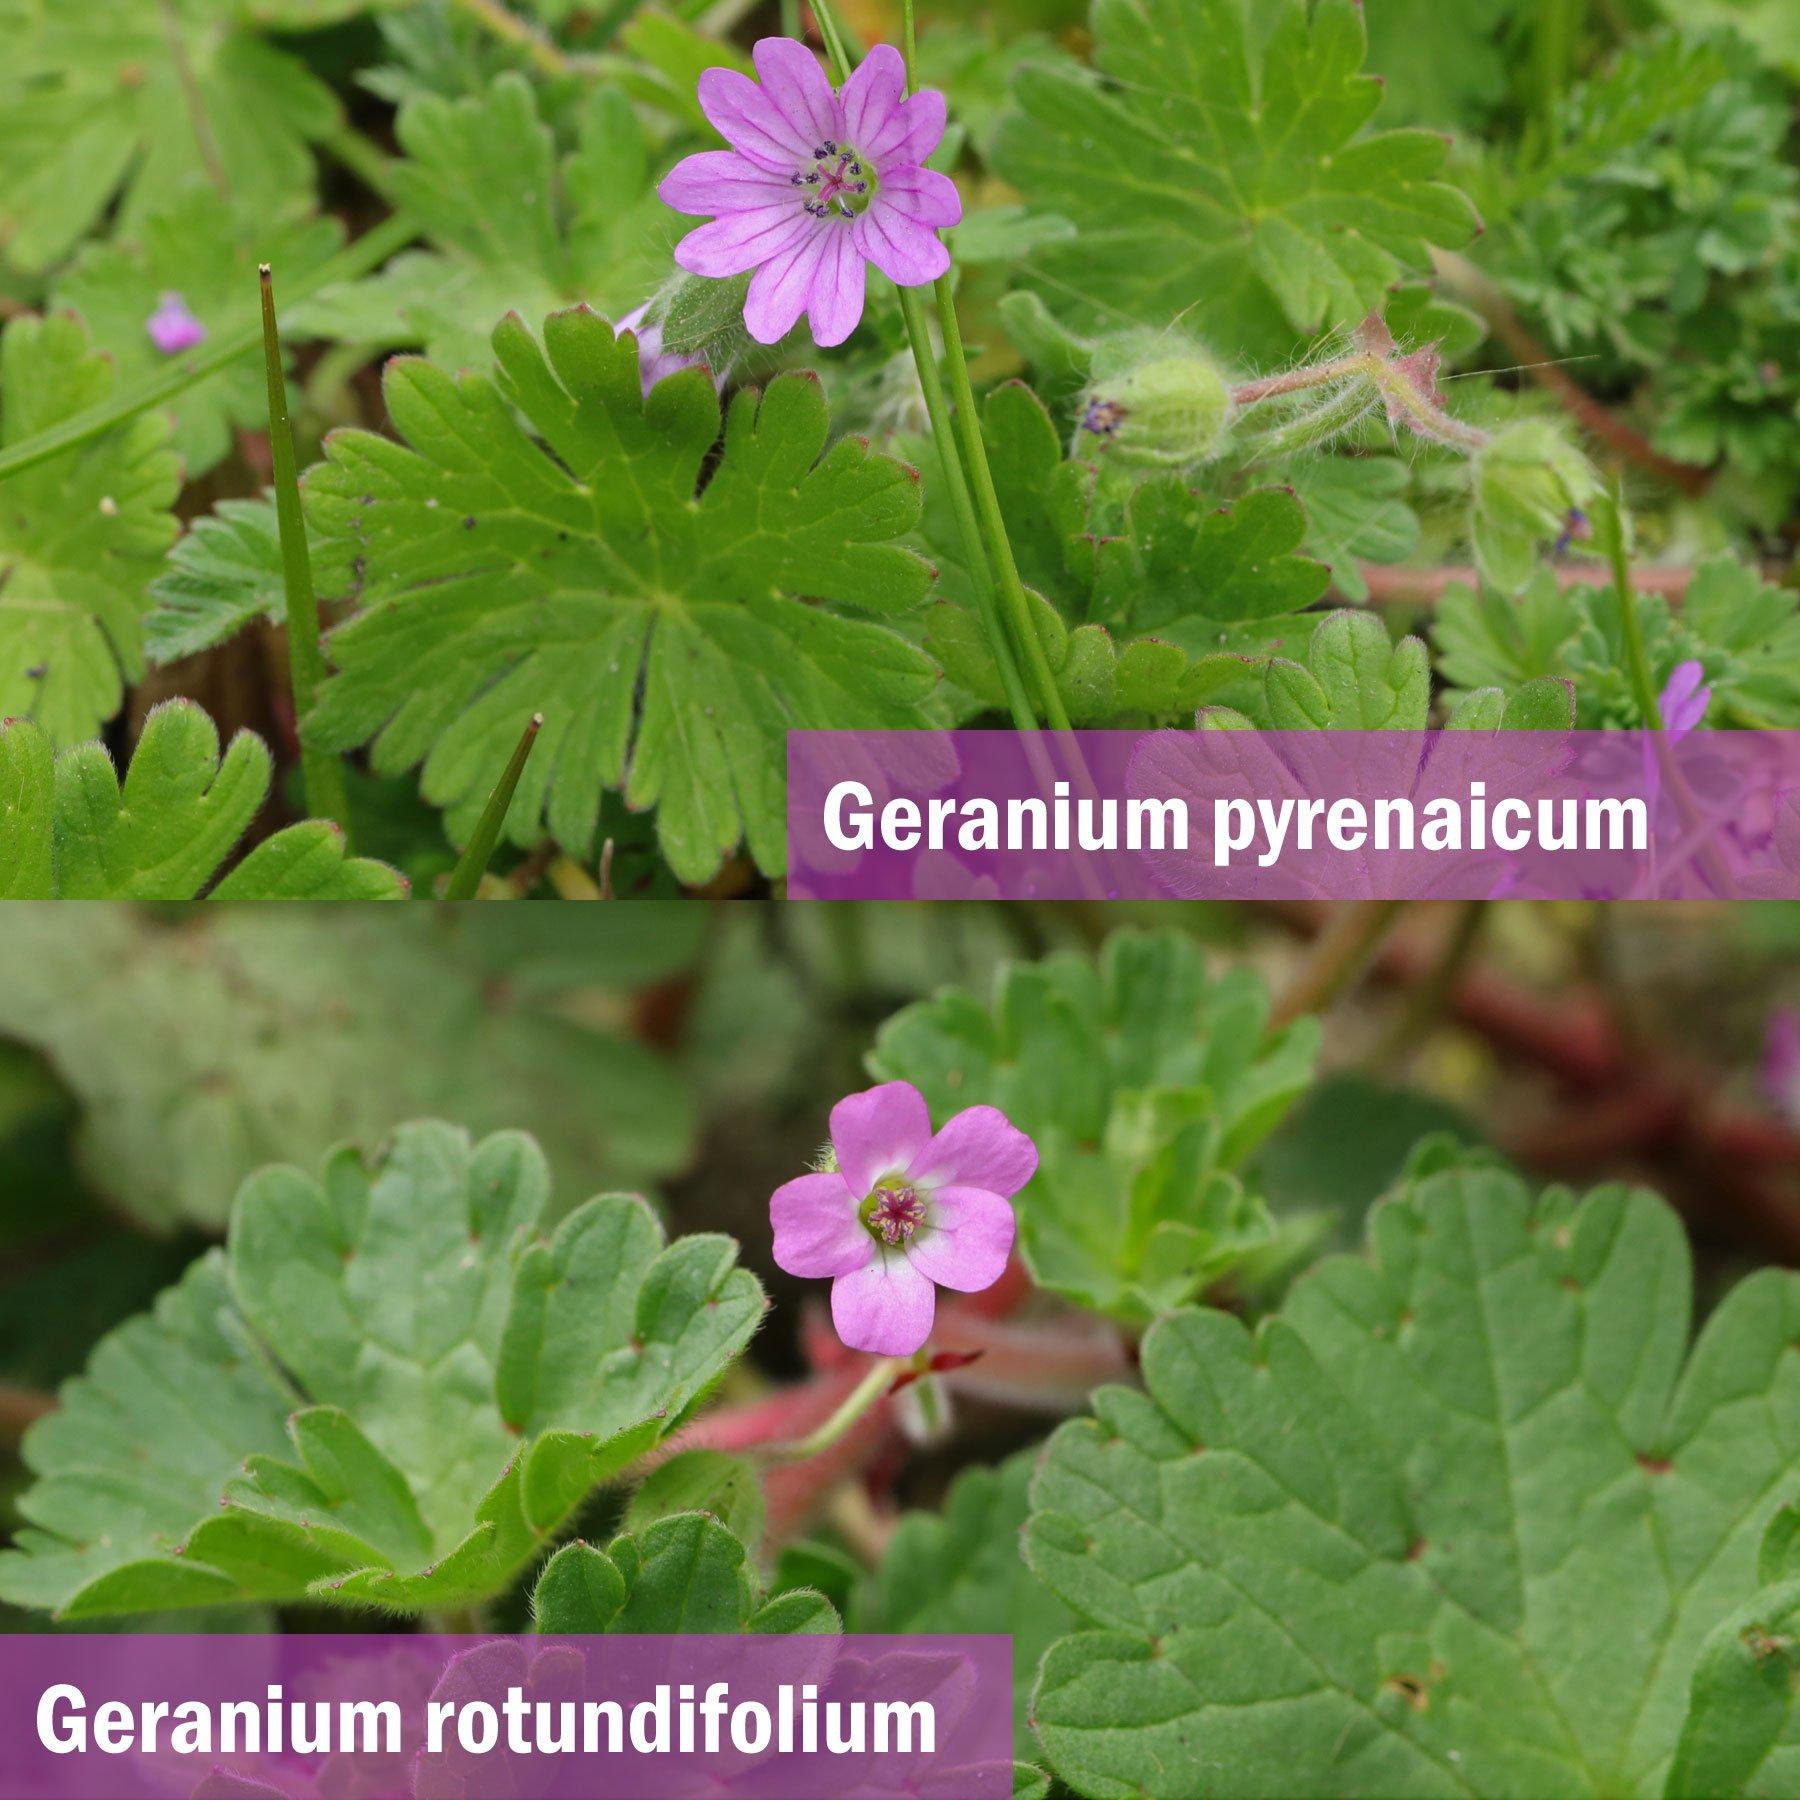 Geranium pyrenaicum und Geranium rotundifolium